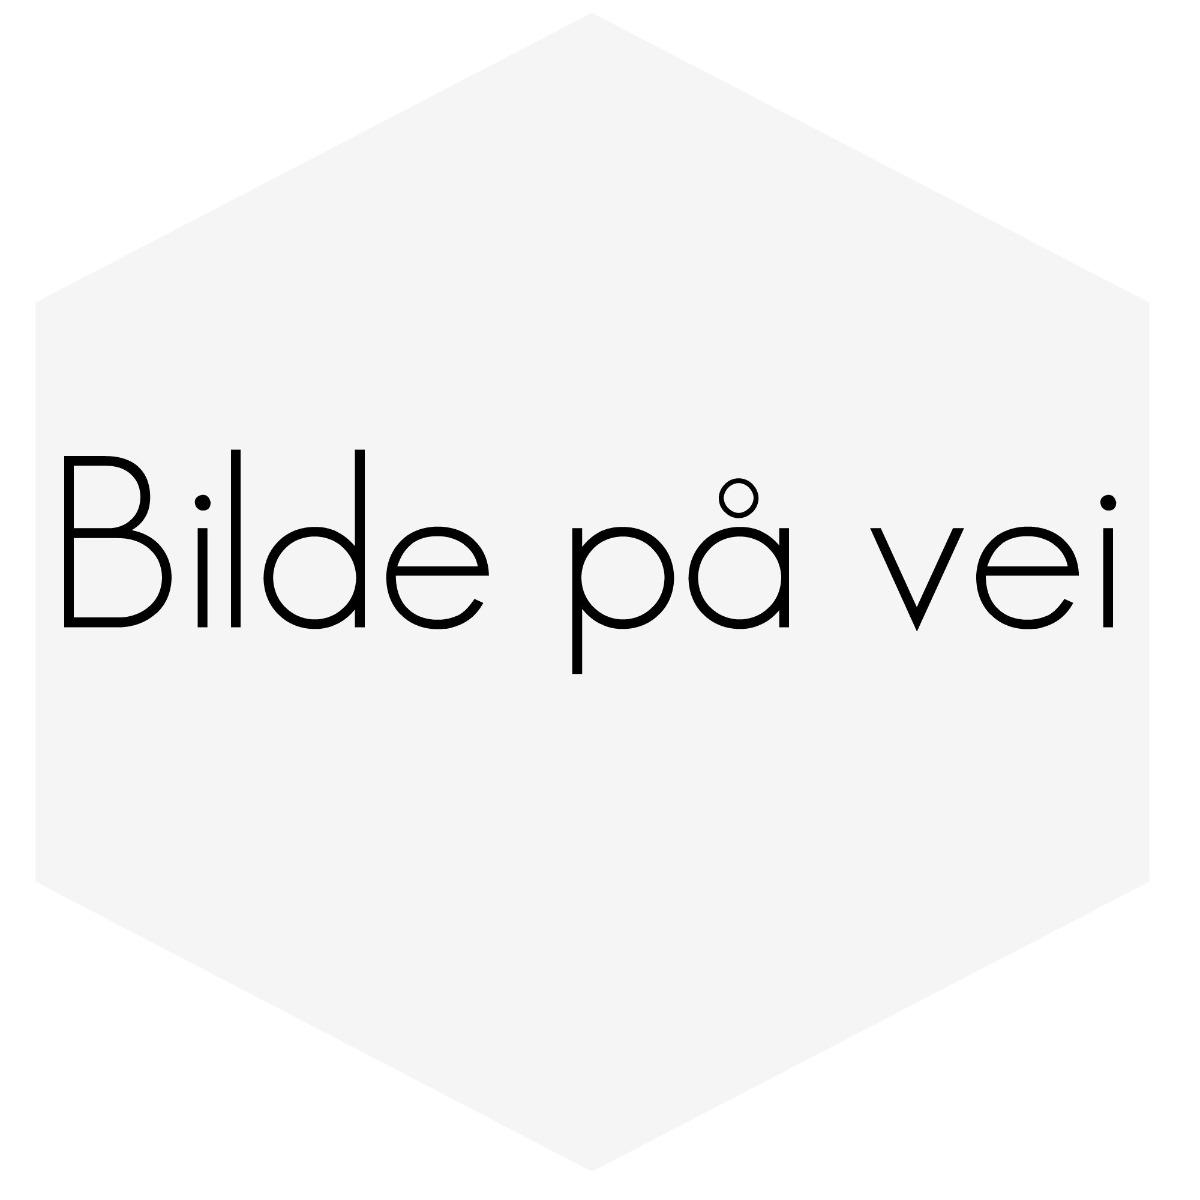 DEMPER BAKLOKK TIL VOLVO 140,164, 200 SE INFO